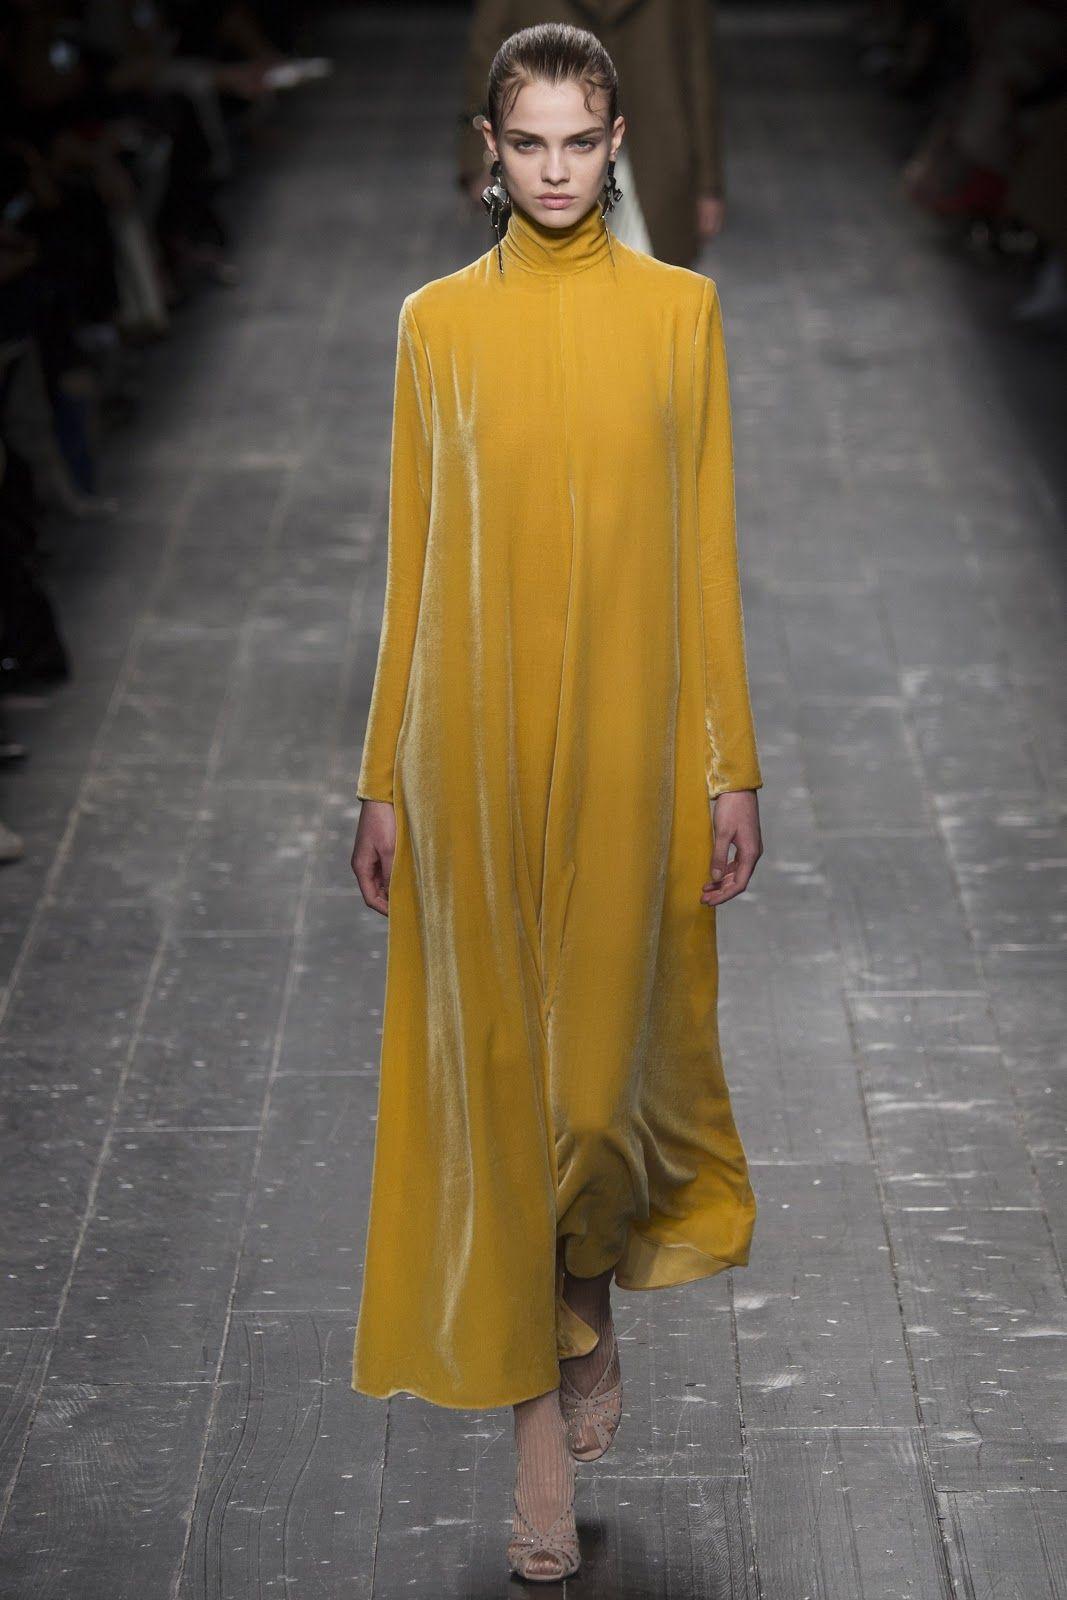 En Son Moda Trendleri: Sonbahar Kış Elbiseleri